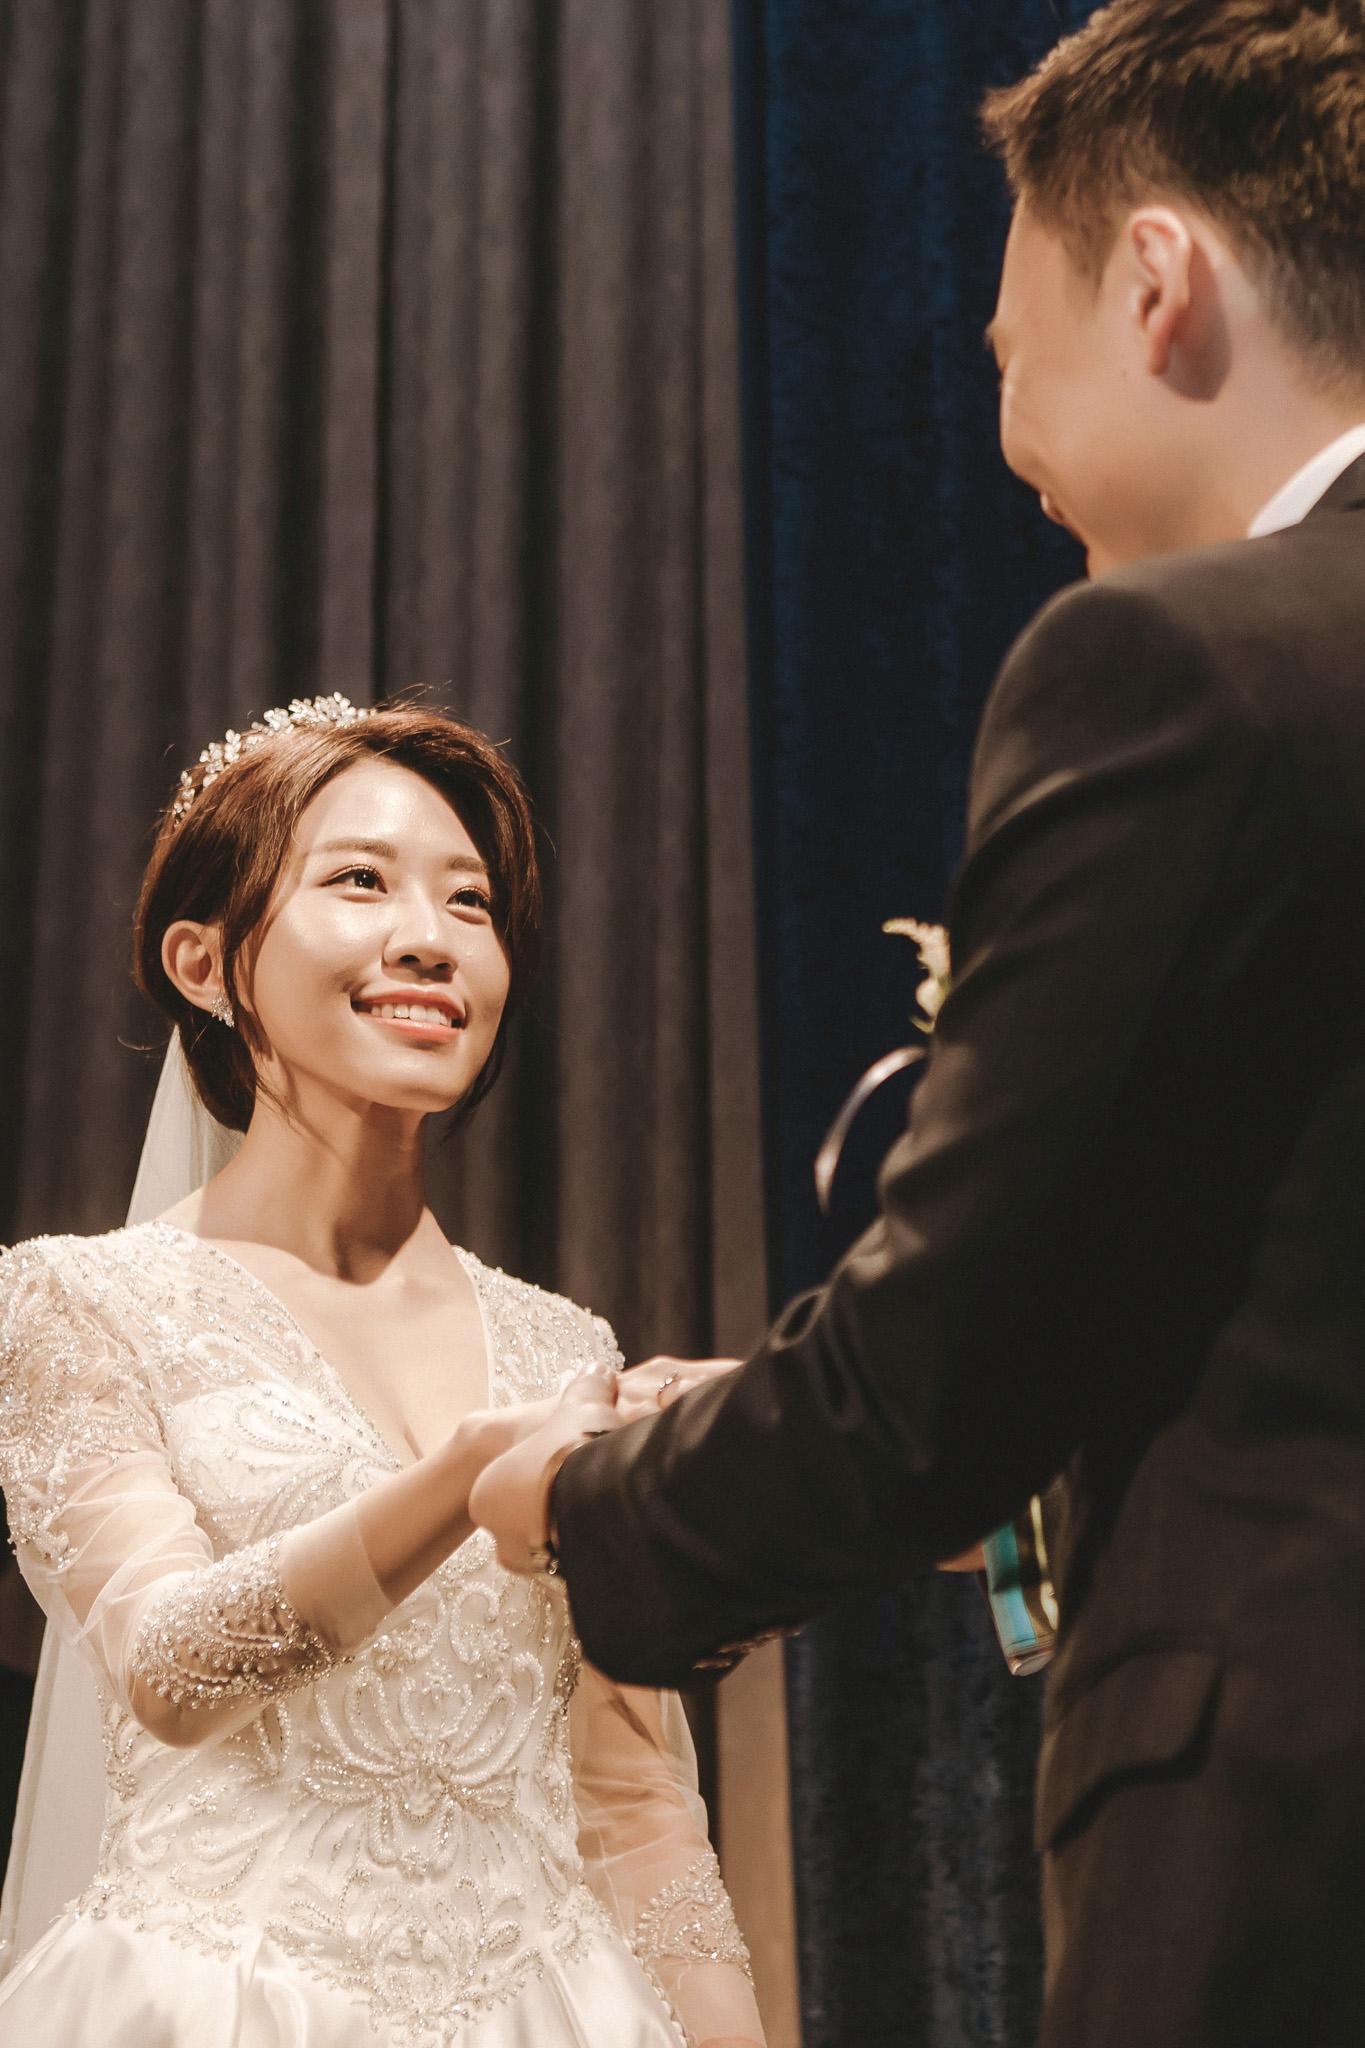 EW 居米 台北婚宴 台北婚紗 台北婚攝 國泰萬怡 台北婚禮 -34